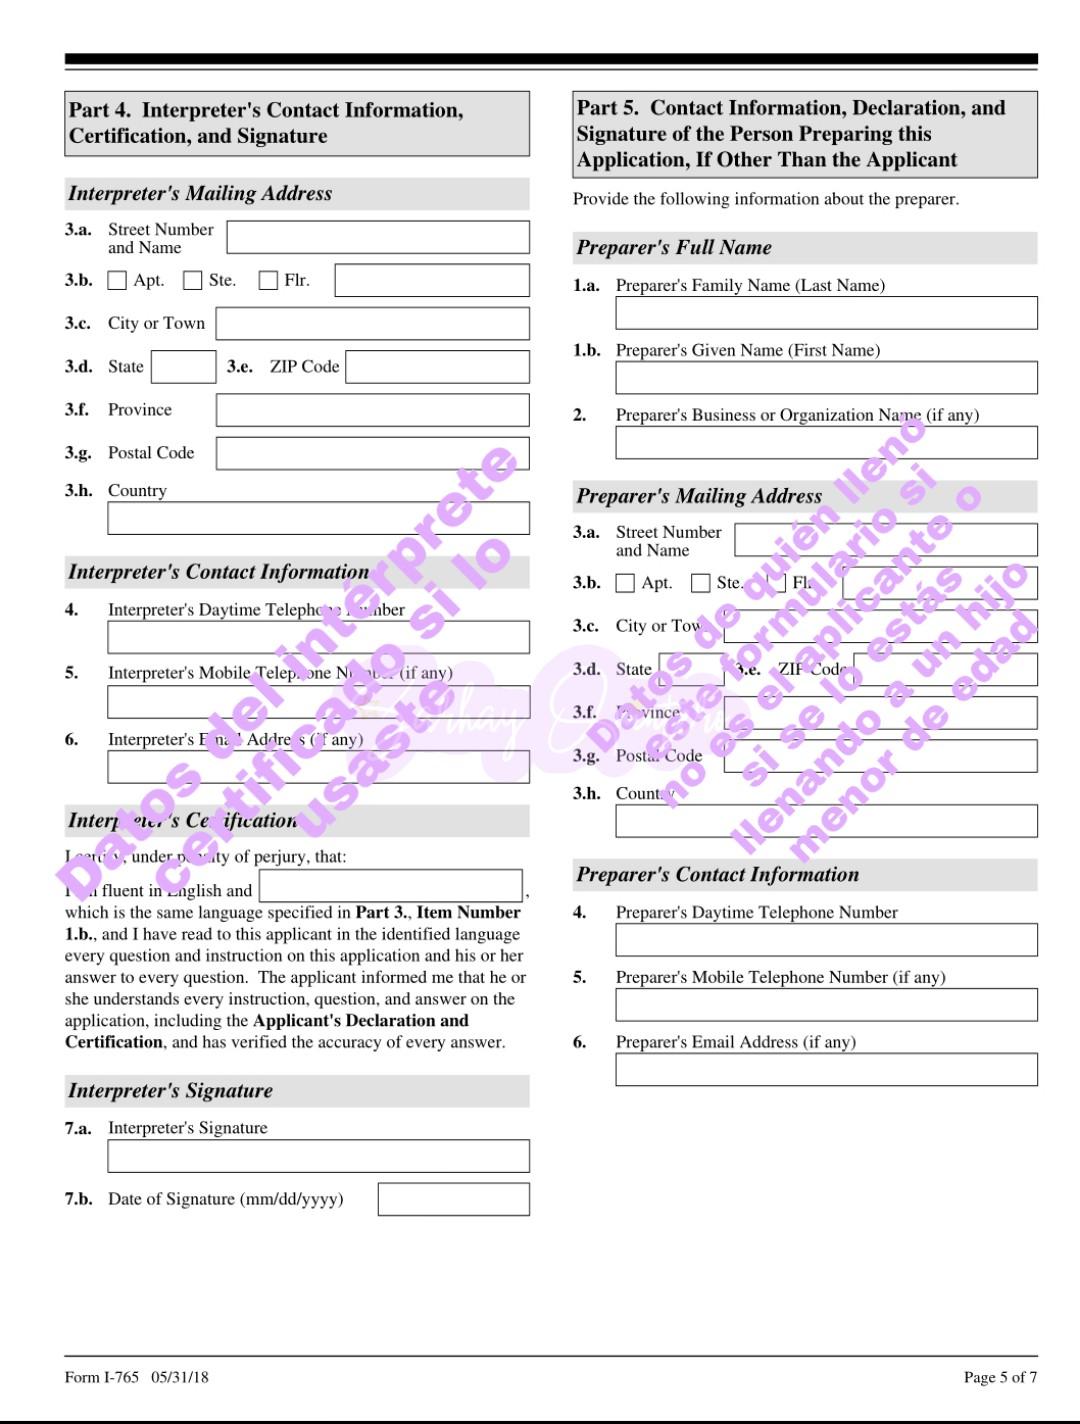 renovar el permiso de trabajo en Estados Unidos hoja 5